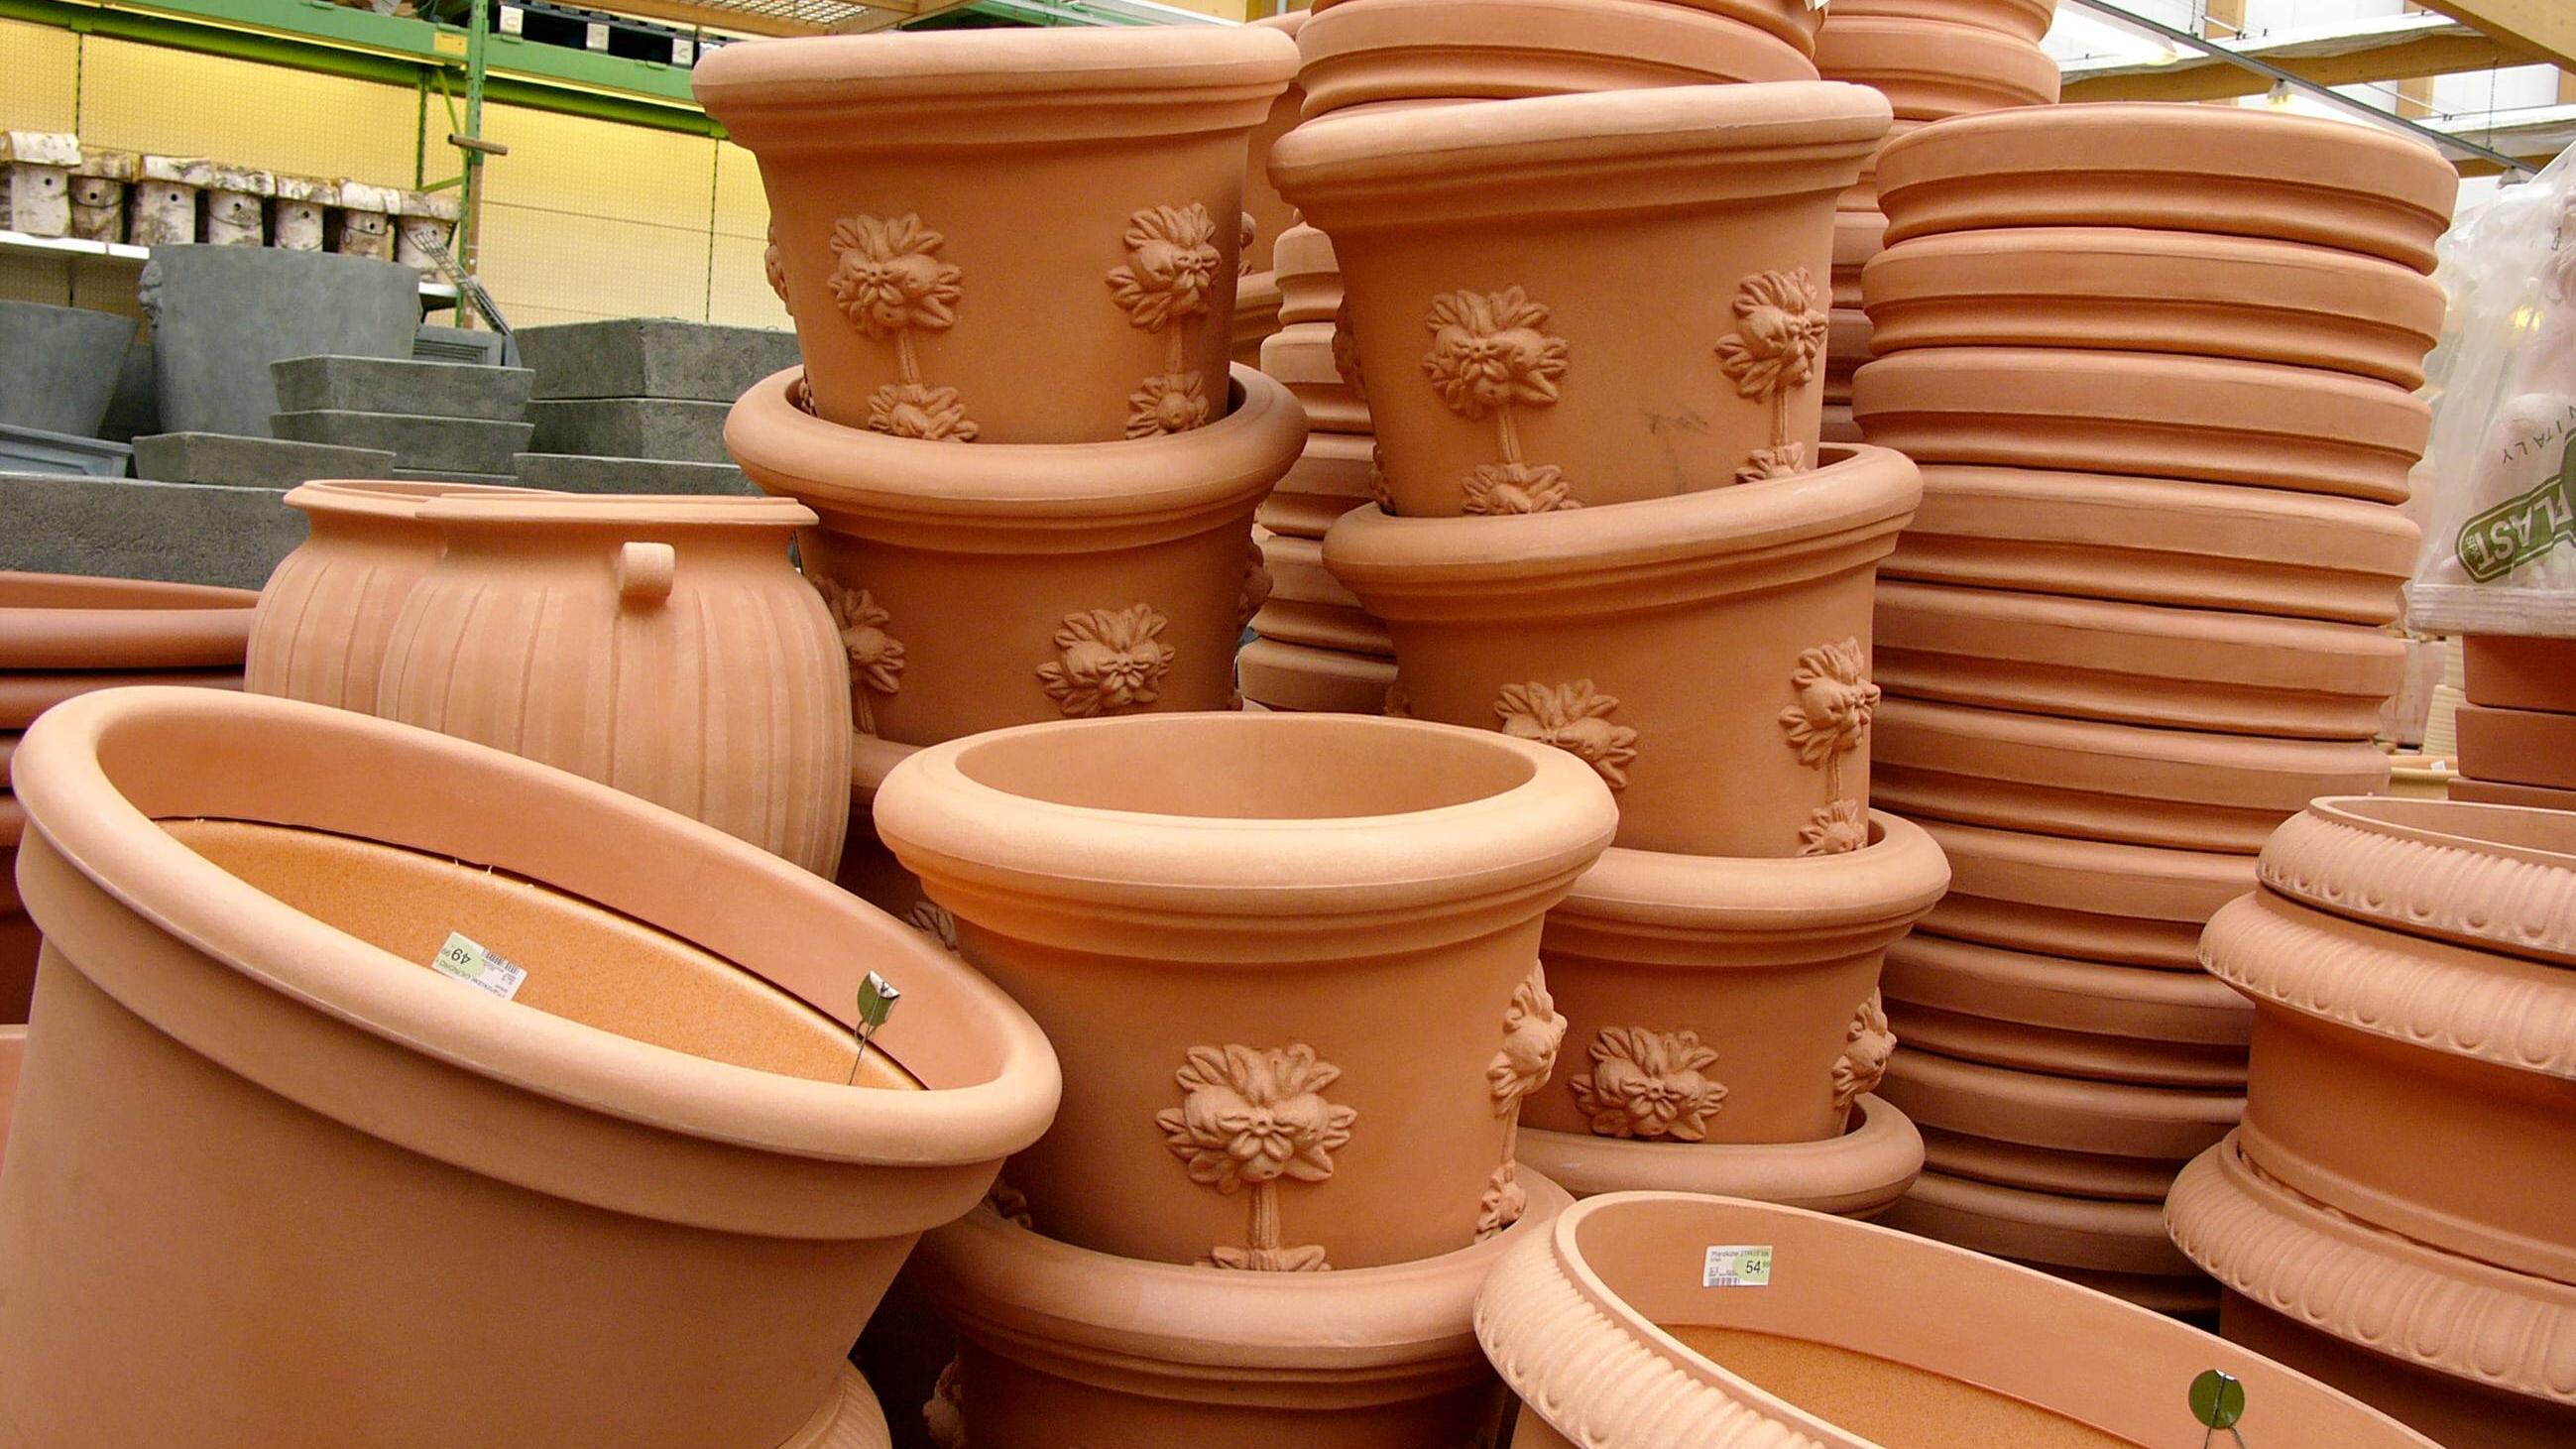 Blumentöpfe eignen sich ideal als Behälter für Kerzen und fungieren so als Tischdeko auf Gartenpartys.